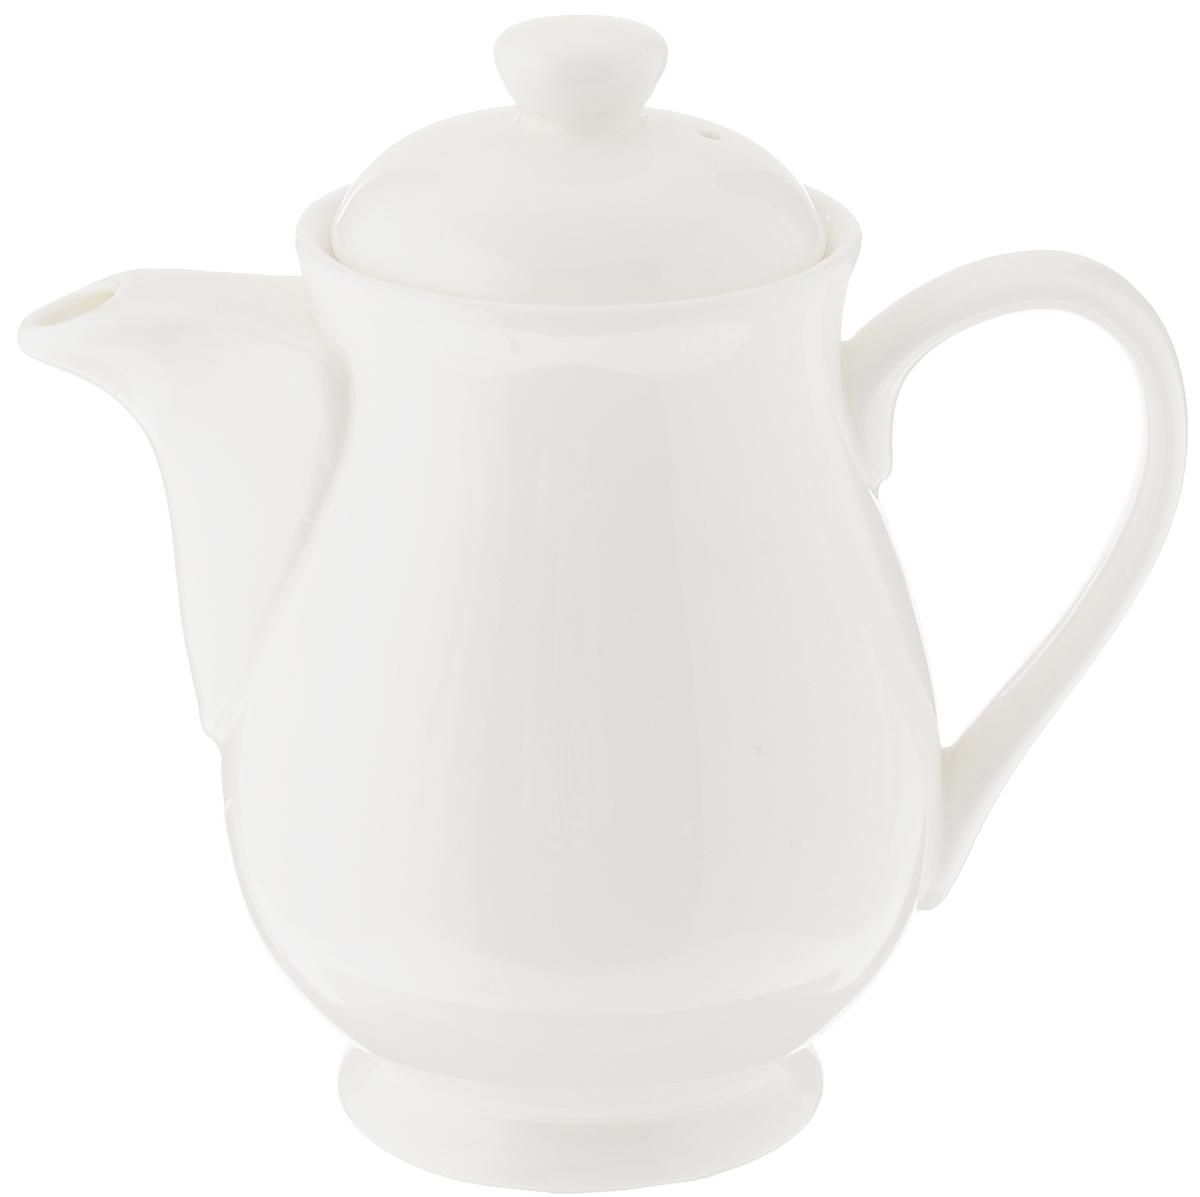 Чайник заварочный Wilmax Fine Porcelain, 450 млWL-994027 / 1CЗаварочный чайник Wilmax изготовлен из высококачественного фарфора. Глазурованное покрытие обеспечивает легкую очистку. Изделие прекрасно подходит для заваривания вкусного и ароматного чая, а также травяных настоев. Ситечко в основании носика препятствует попаданию чаинок в чашку. Оригинальный дизайн сделает чайник настоящим украшением стола. Он удобен в использовании и понравится каждому.Можно мыть в посудомоечной машине и использовать в микроволновой печи. Диаметр чайника (по верхнему краю): 7 см. Высота чайника (без учета крышки): 12 см.